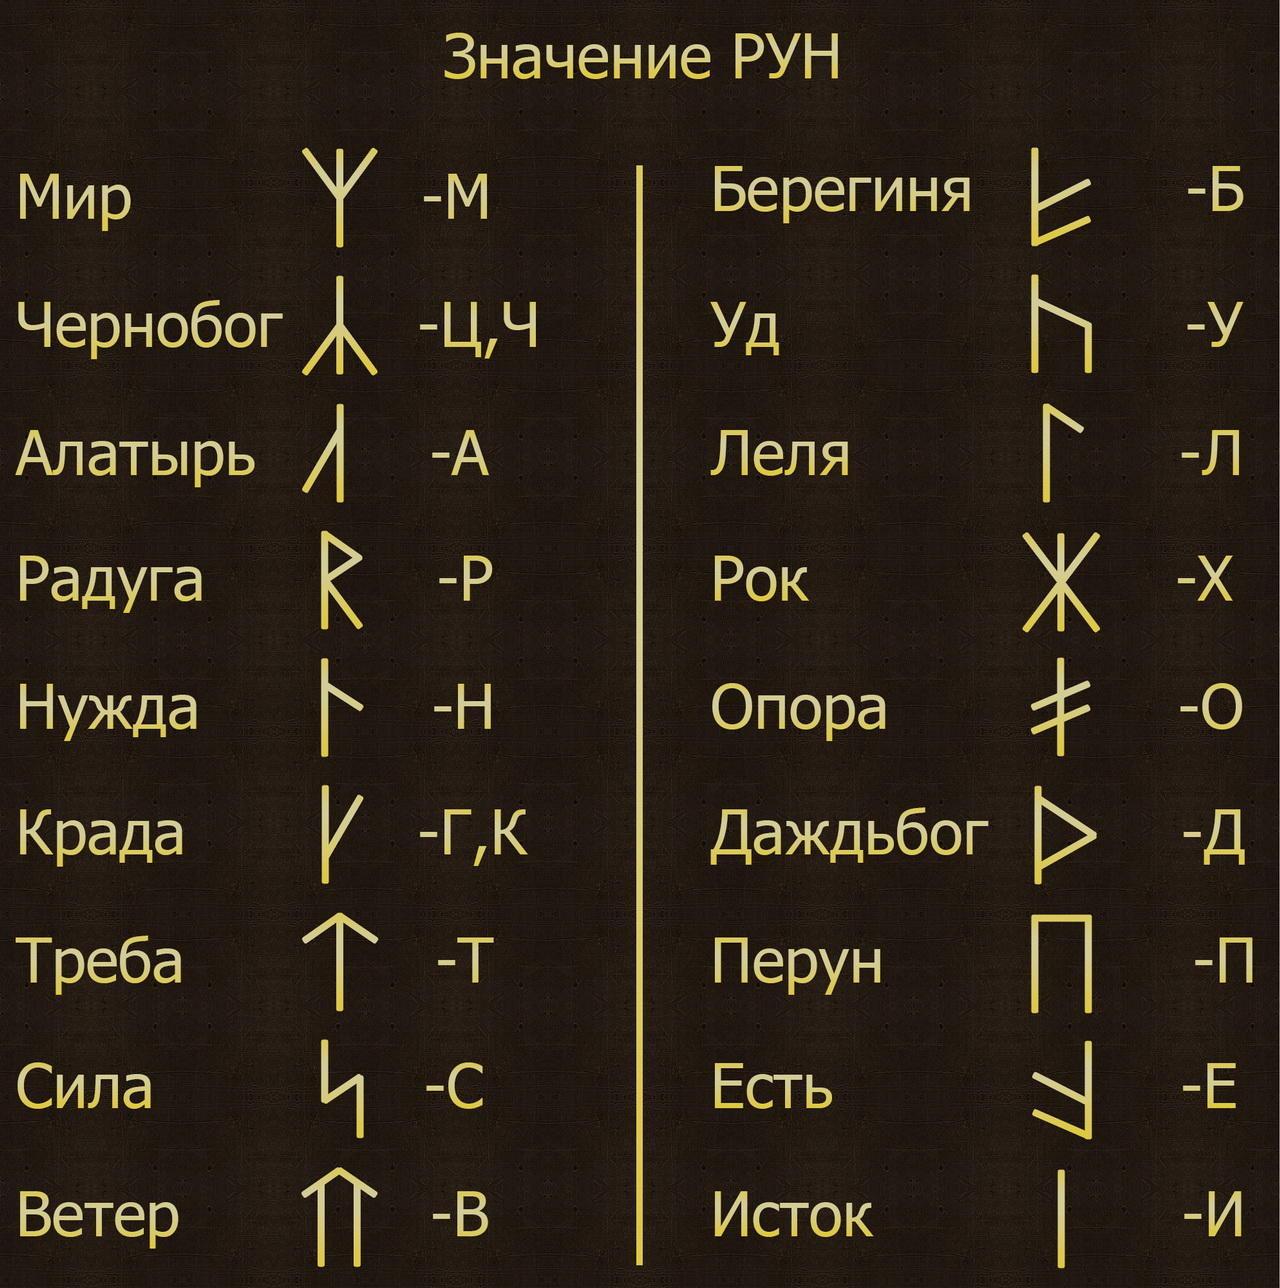 Славянские руны -- значение и история, заимстование у скандинавов